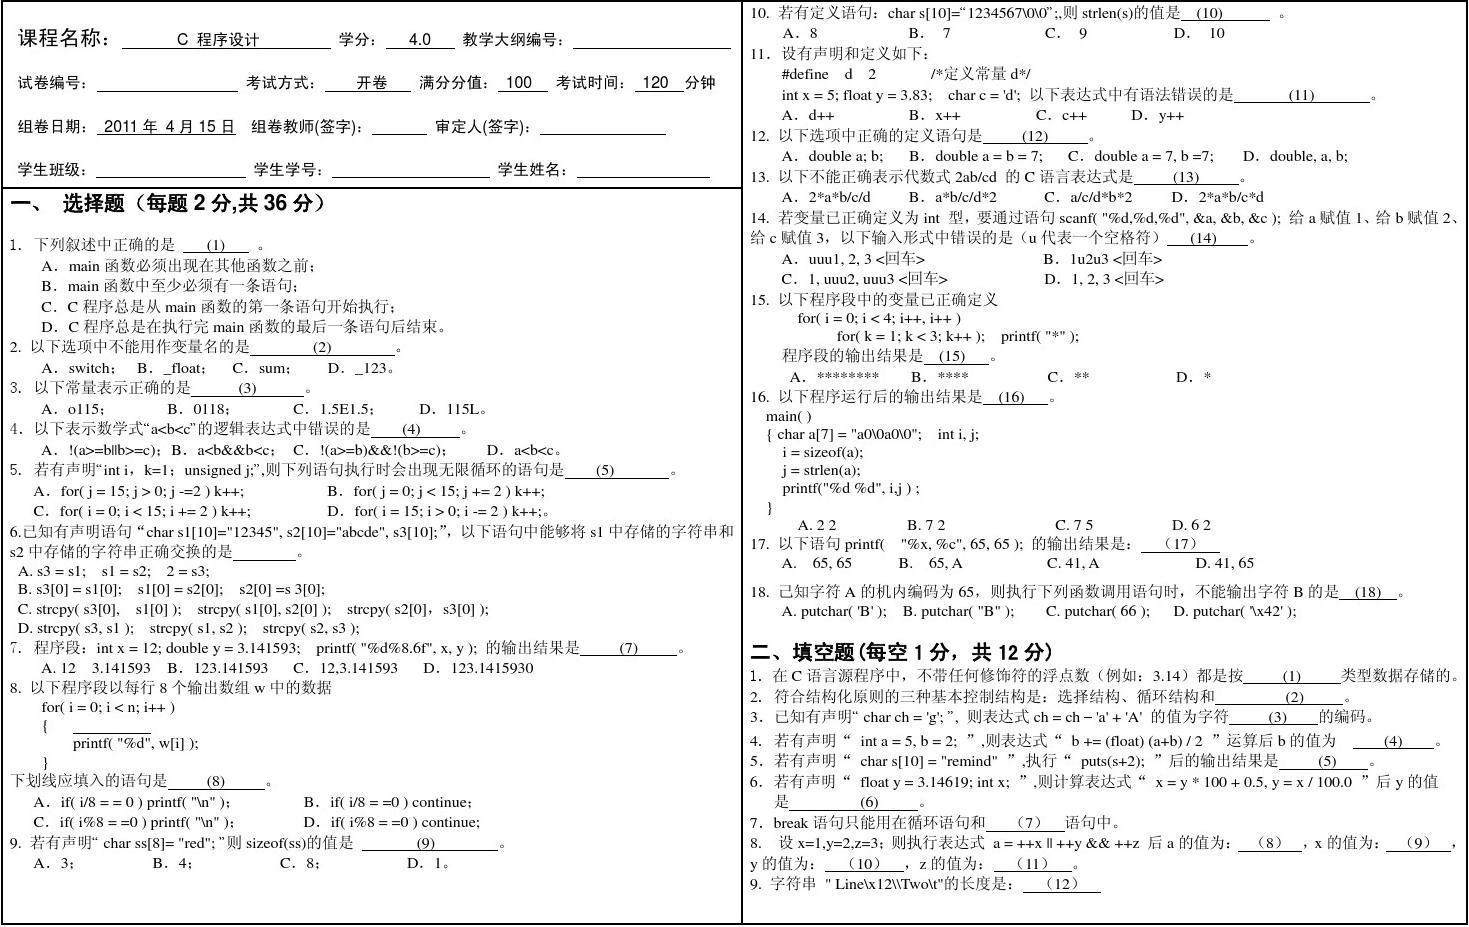 c语言程序设计课程计算器设计报告_c程序设计基础课程期末试卷_c c程序设计软件